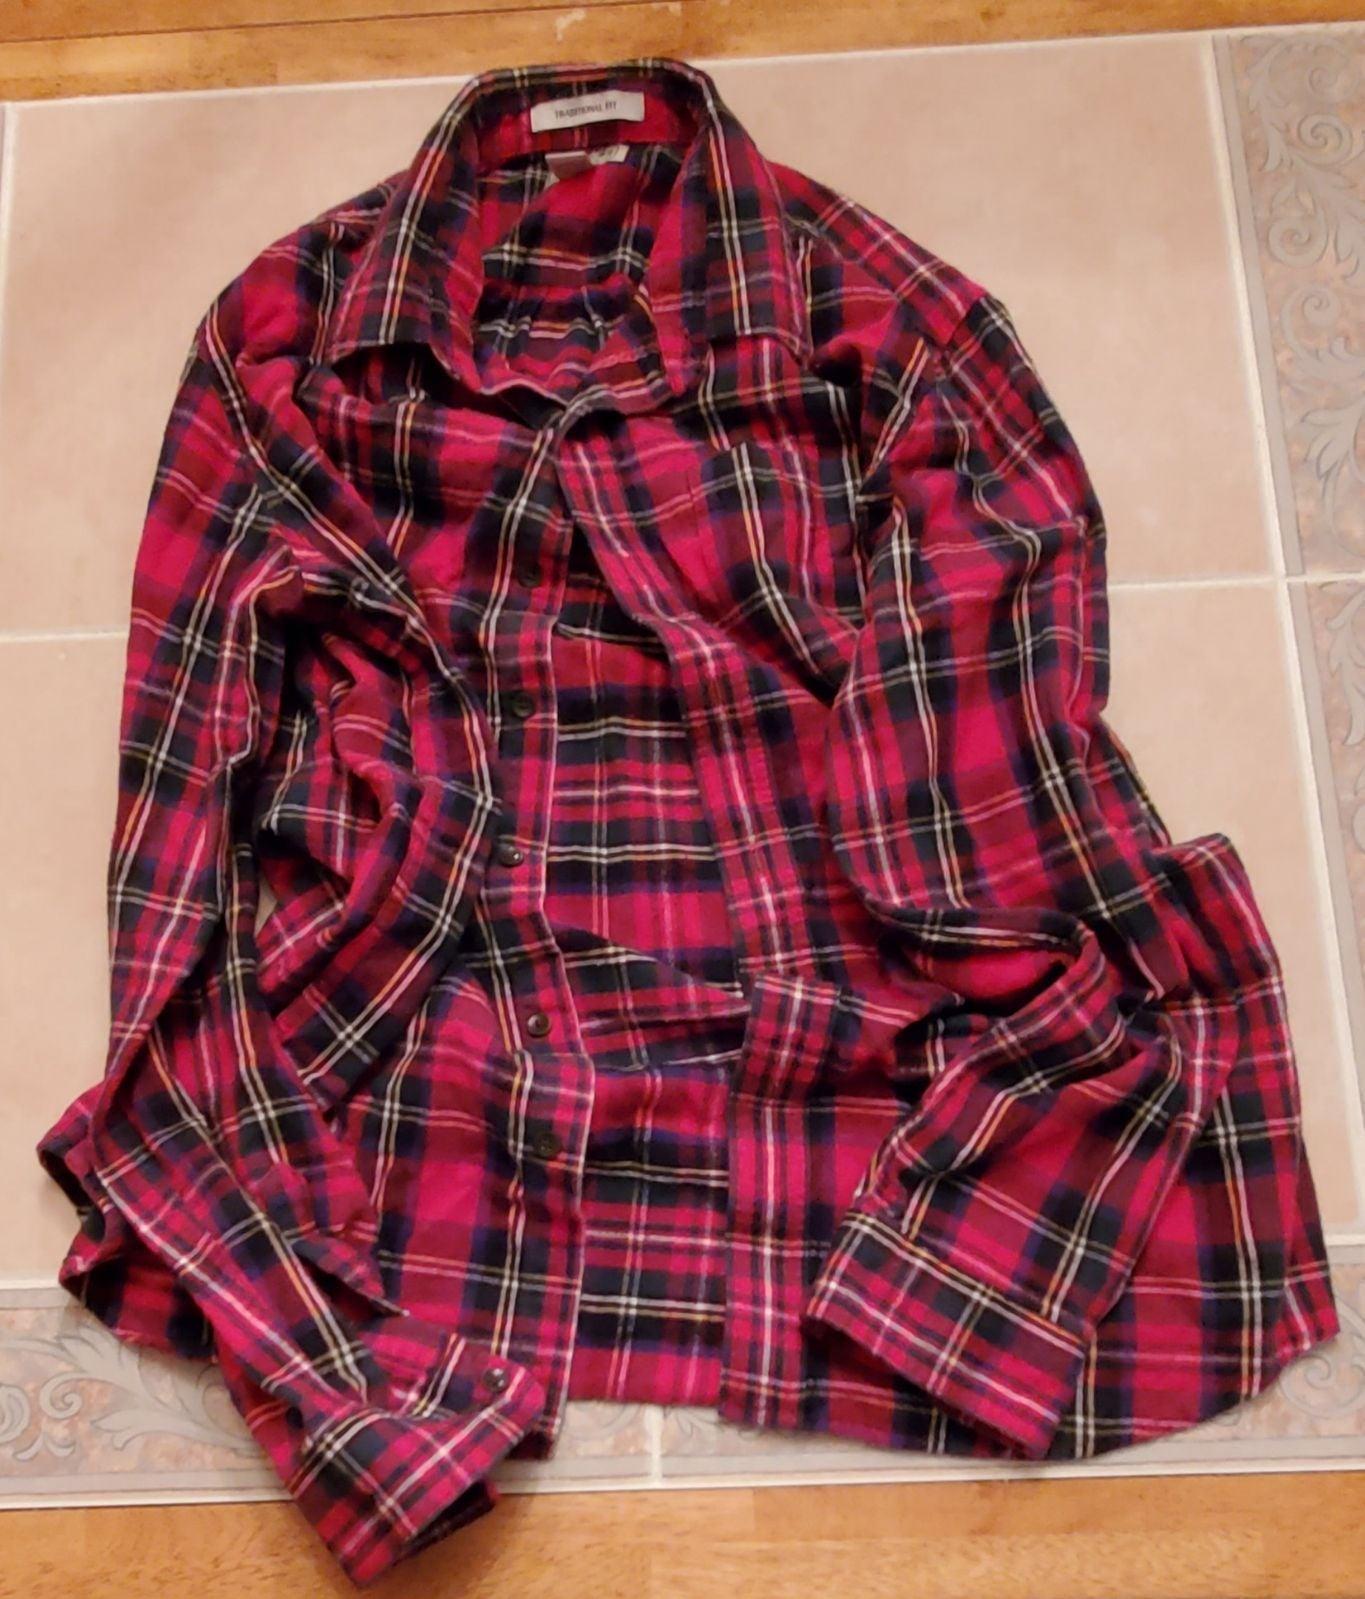 LL Bean Men's Long Sleeve Shirt